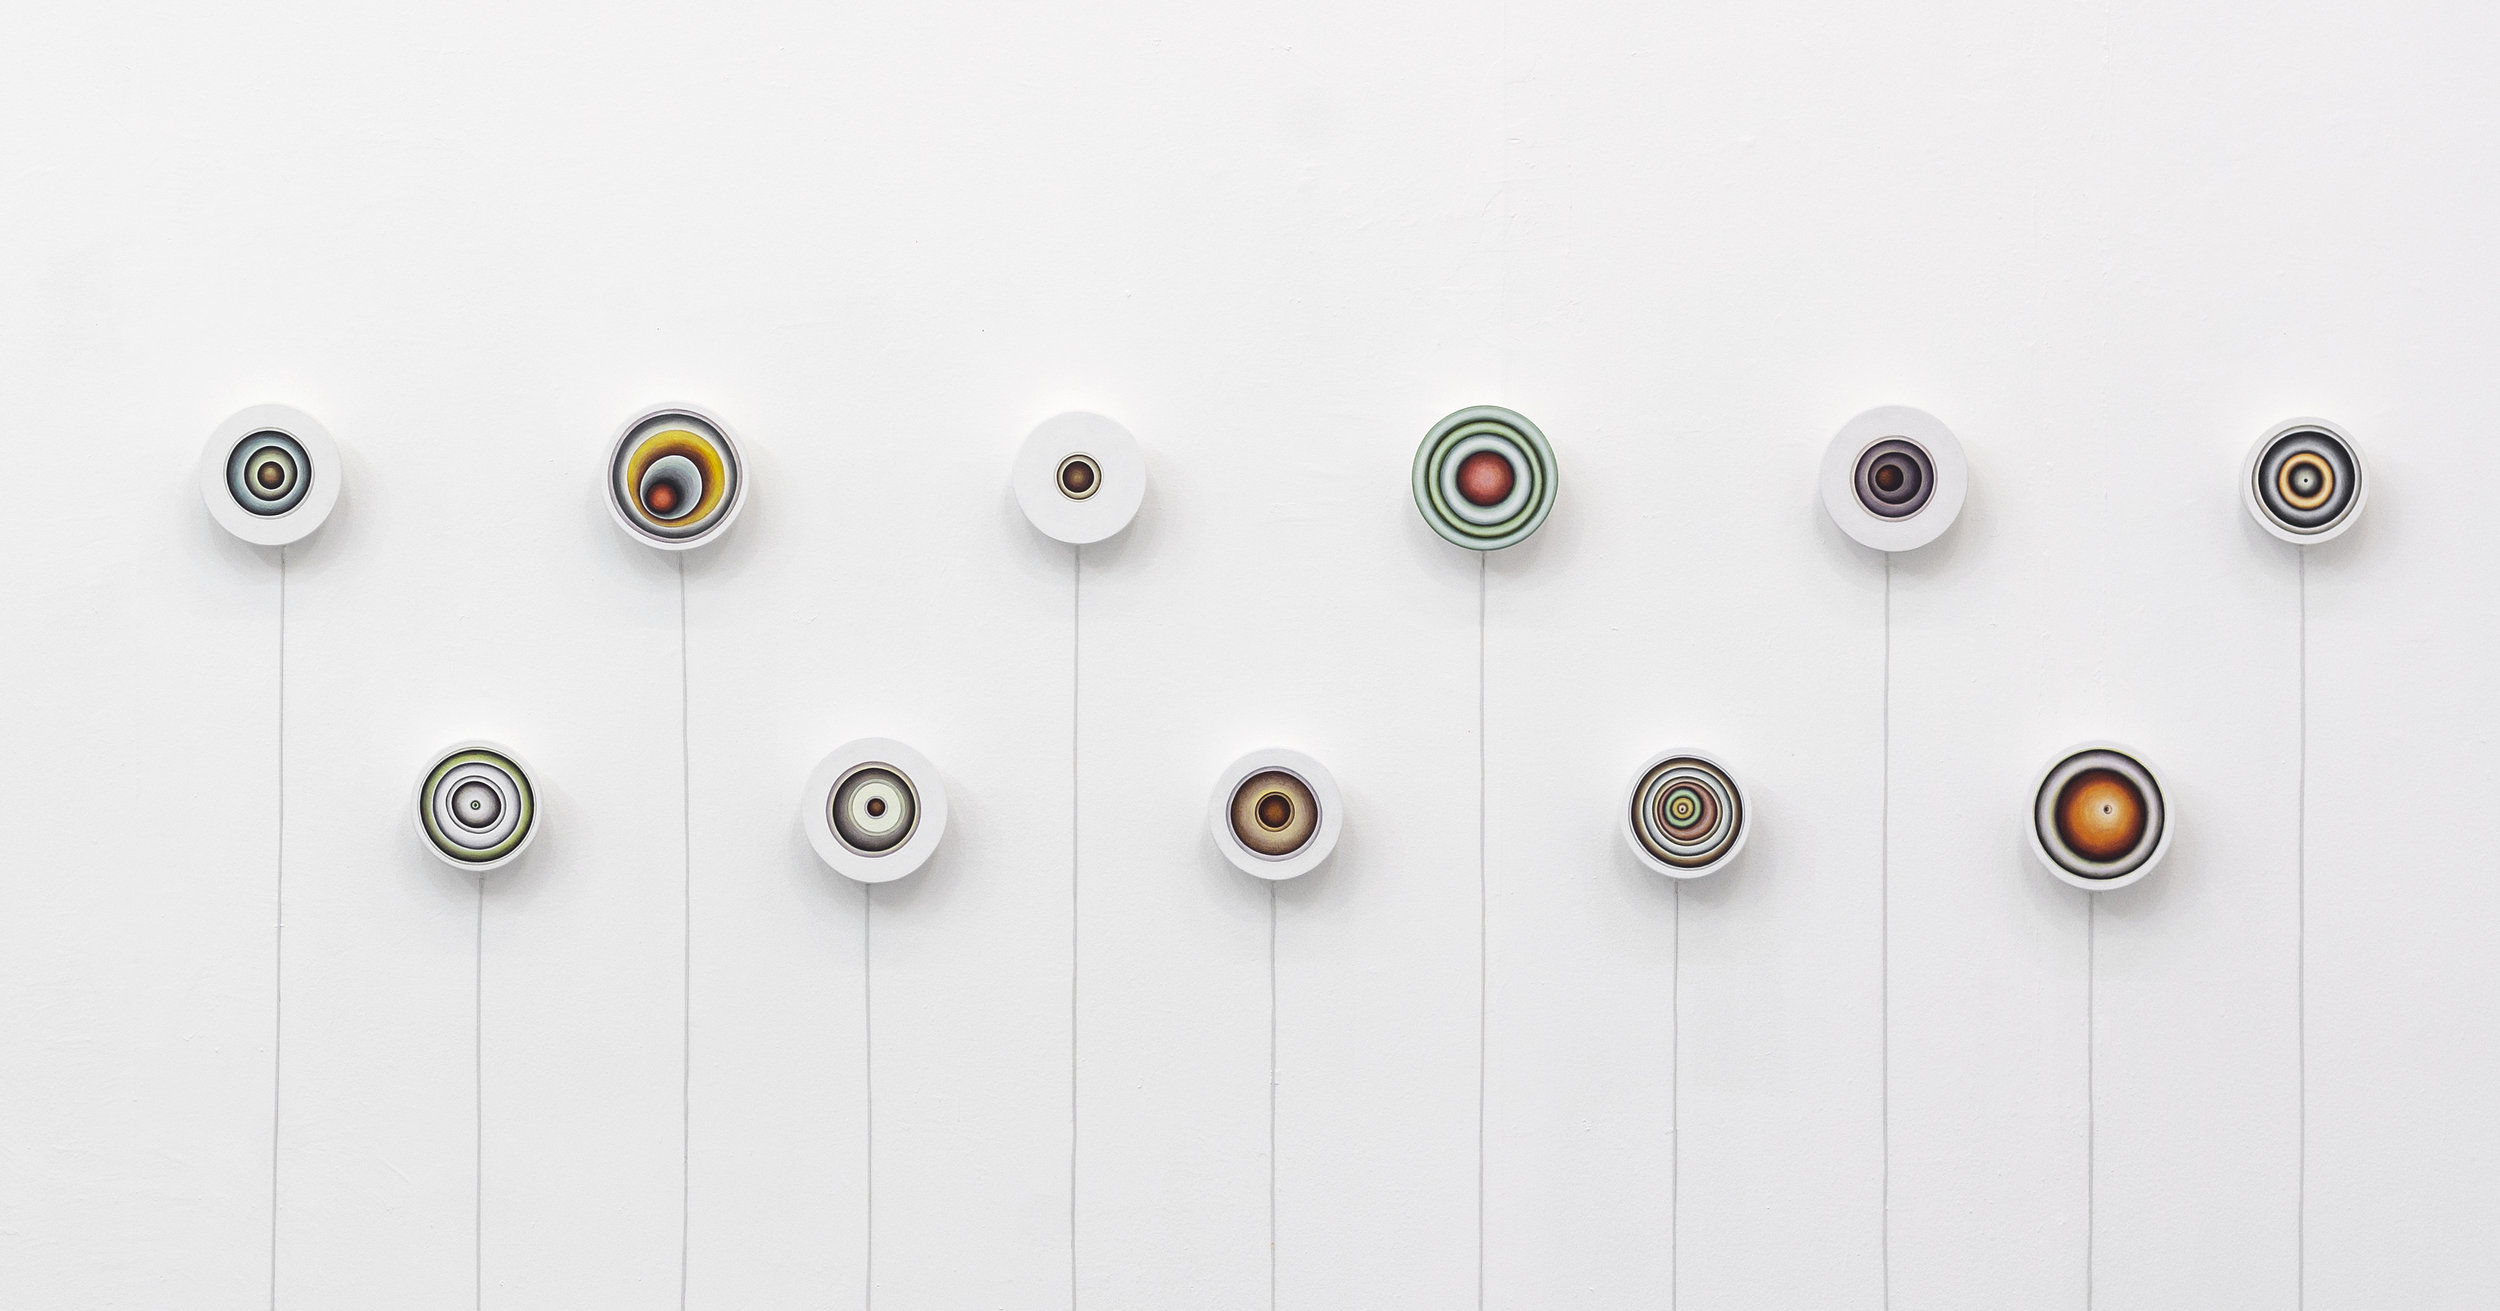 Adriana Maciel, série Rotor, 2017, acrílica sobre madeira, 20,4 x 0,7 cm